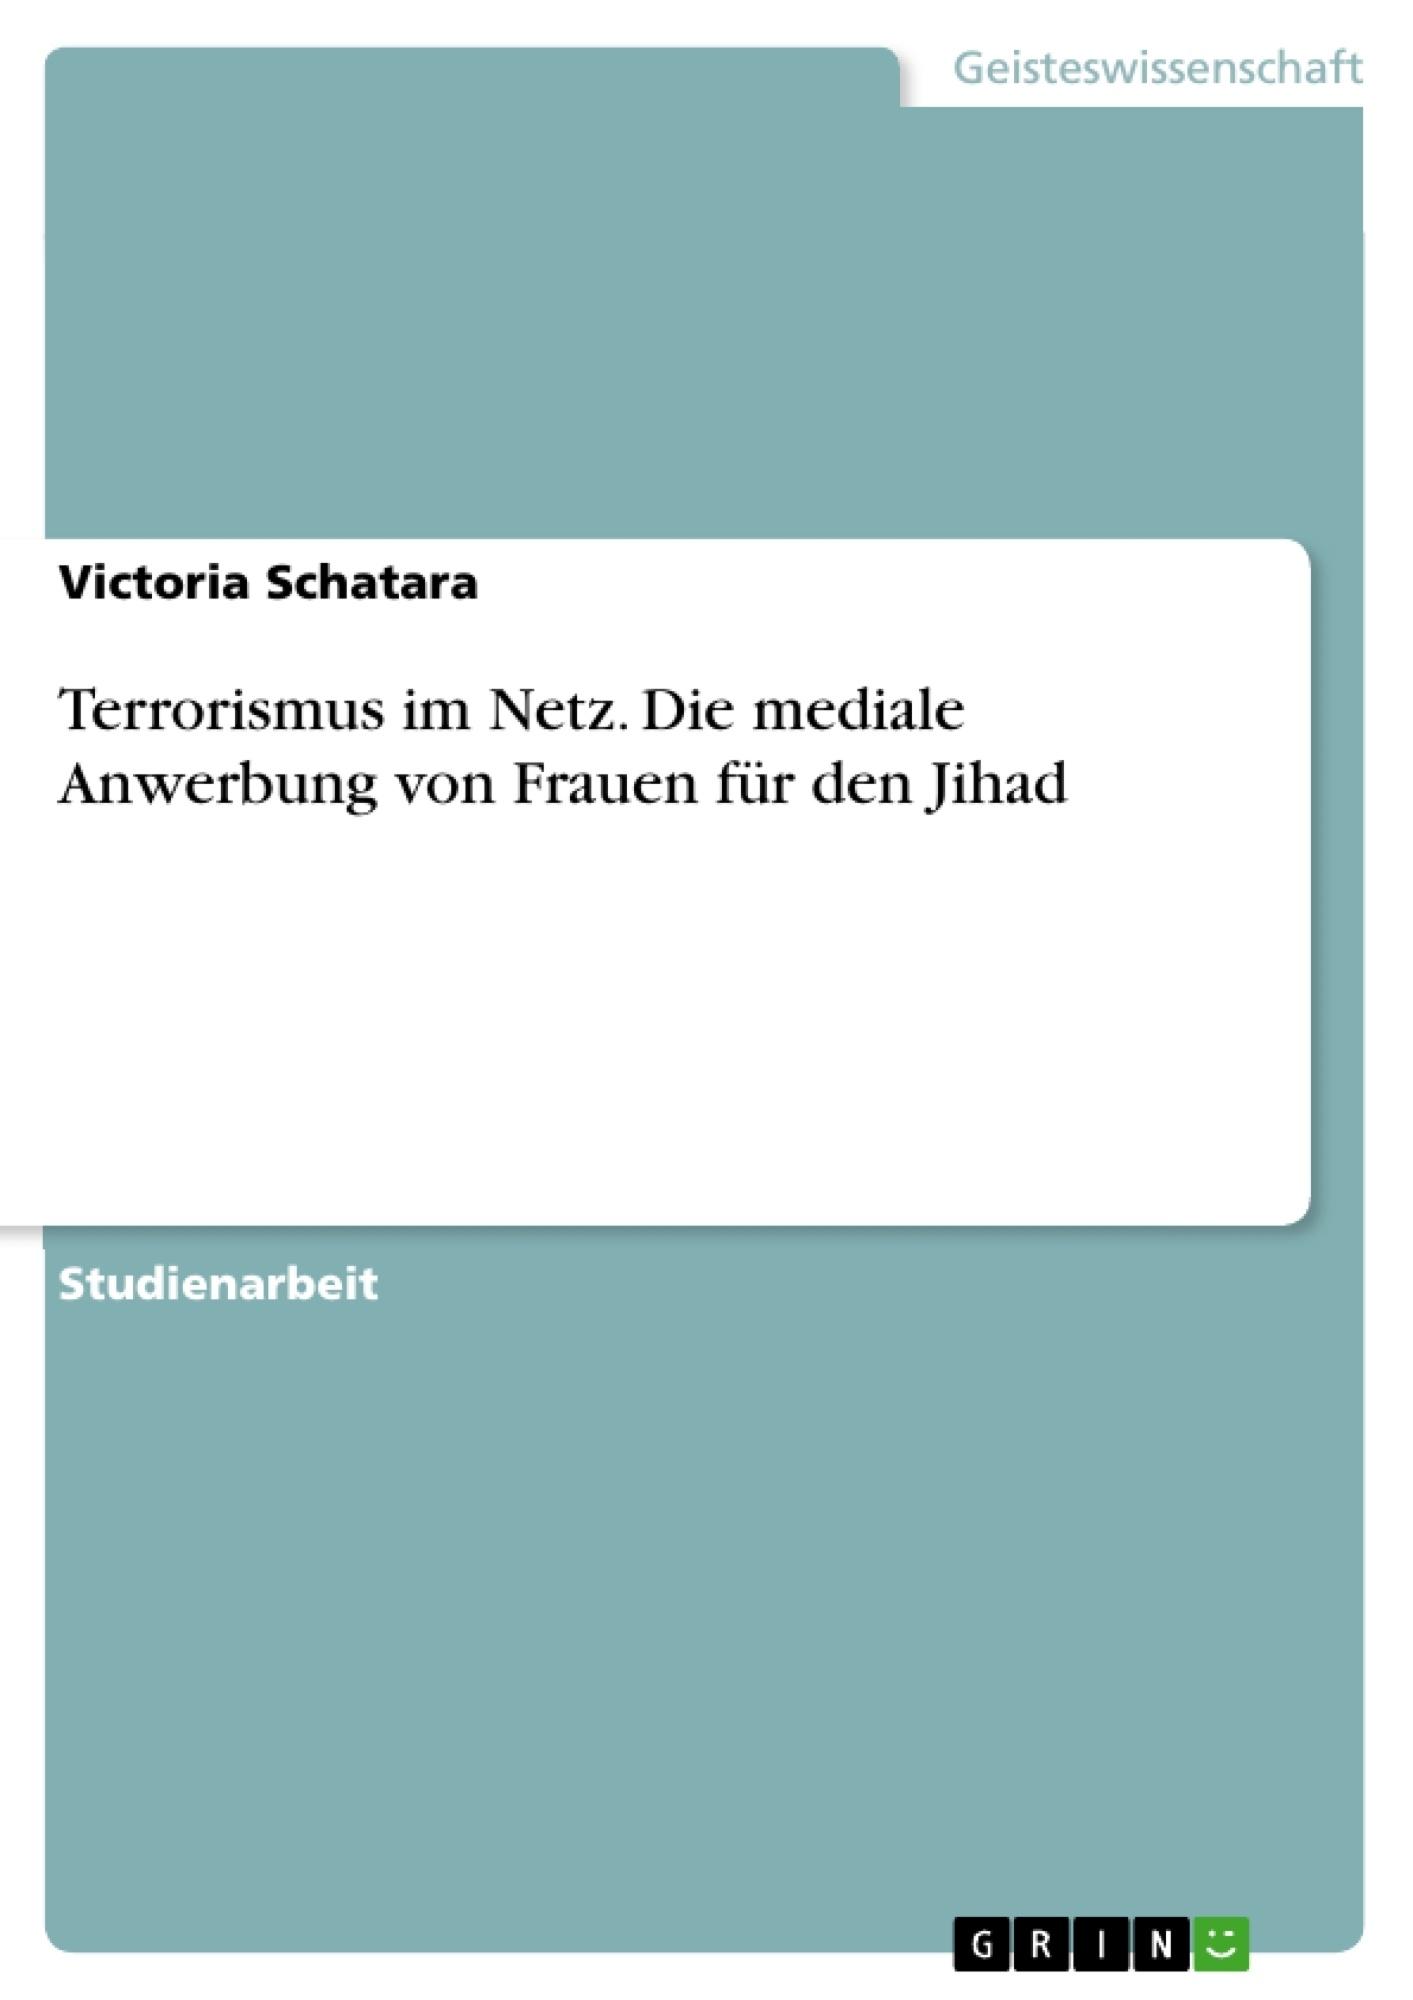 Titel: Terrorismus im Netz. Die mediale Anwerbung von Frauen für den Jihad